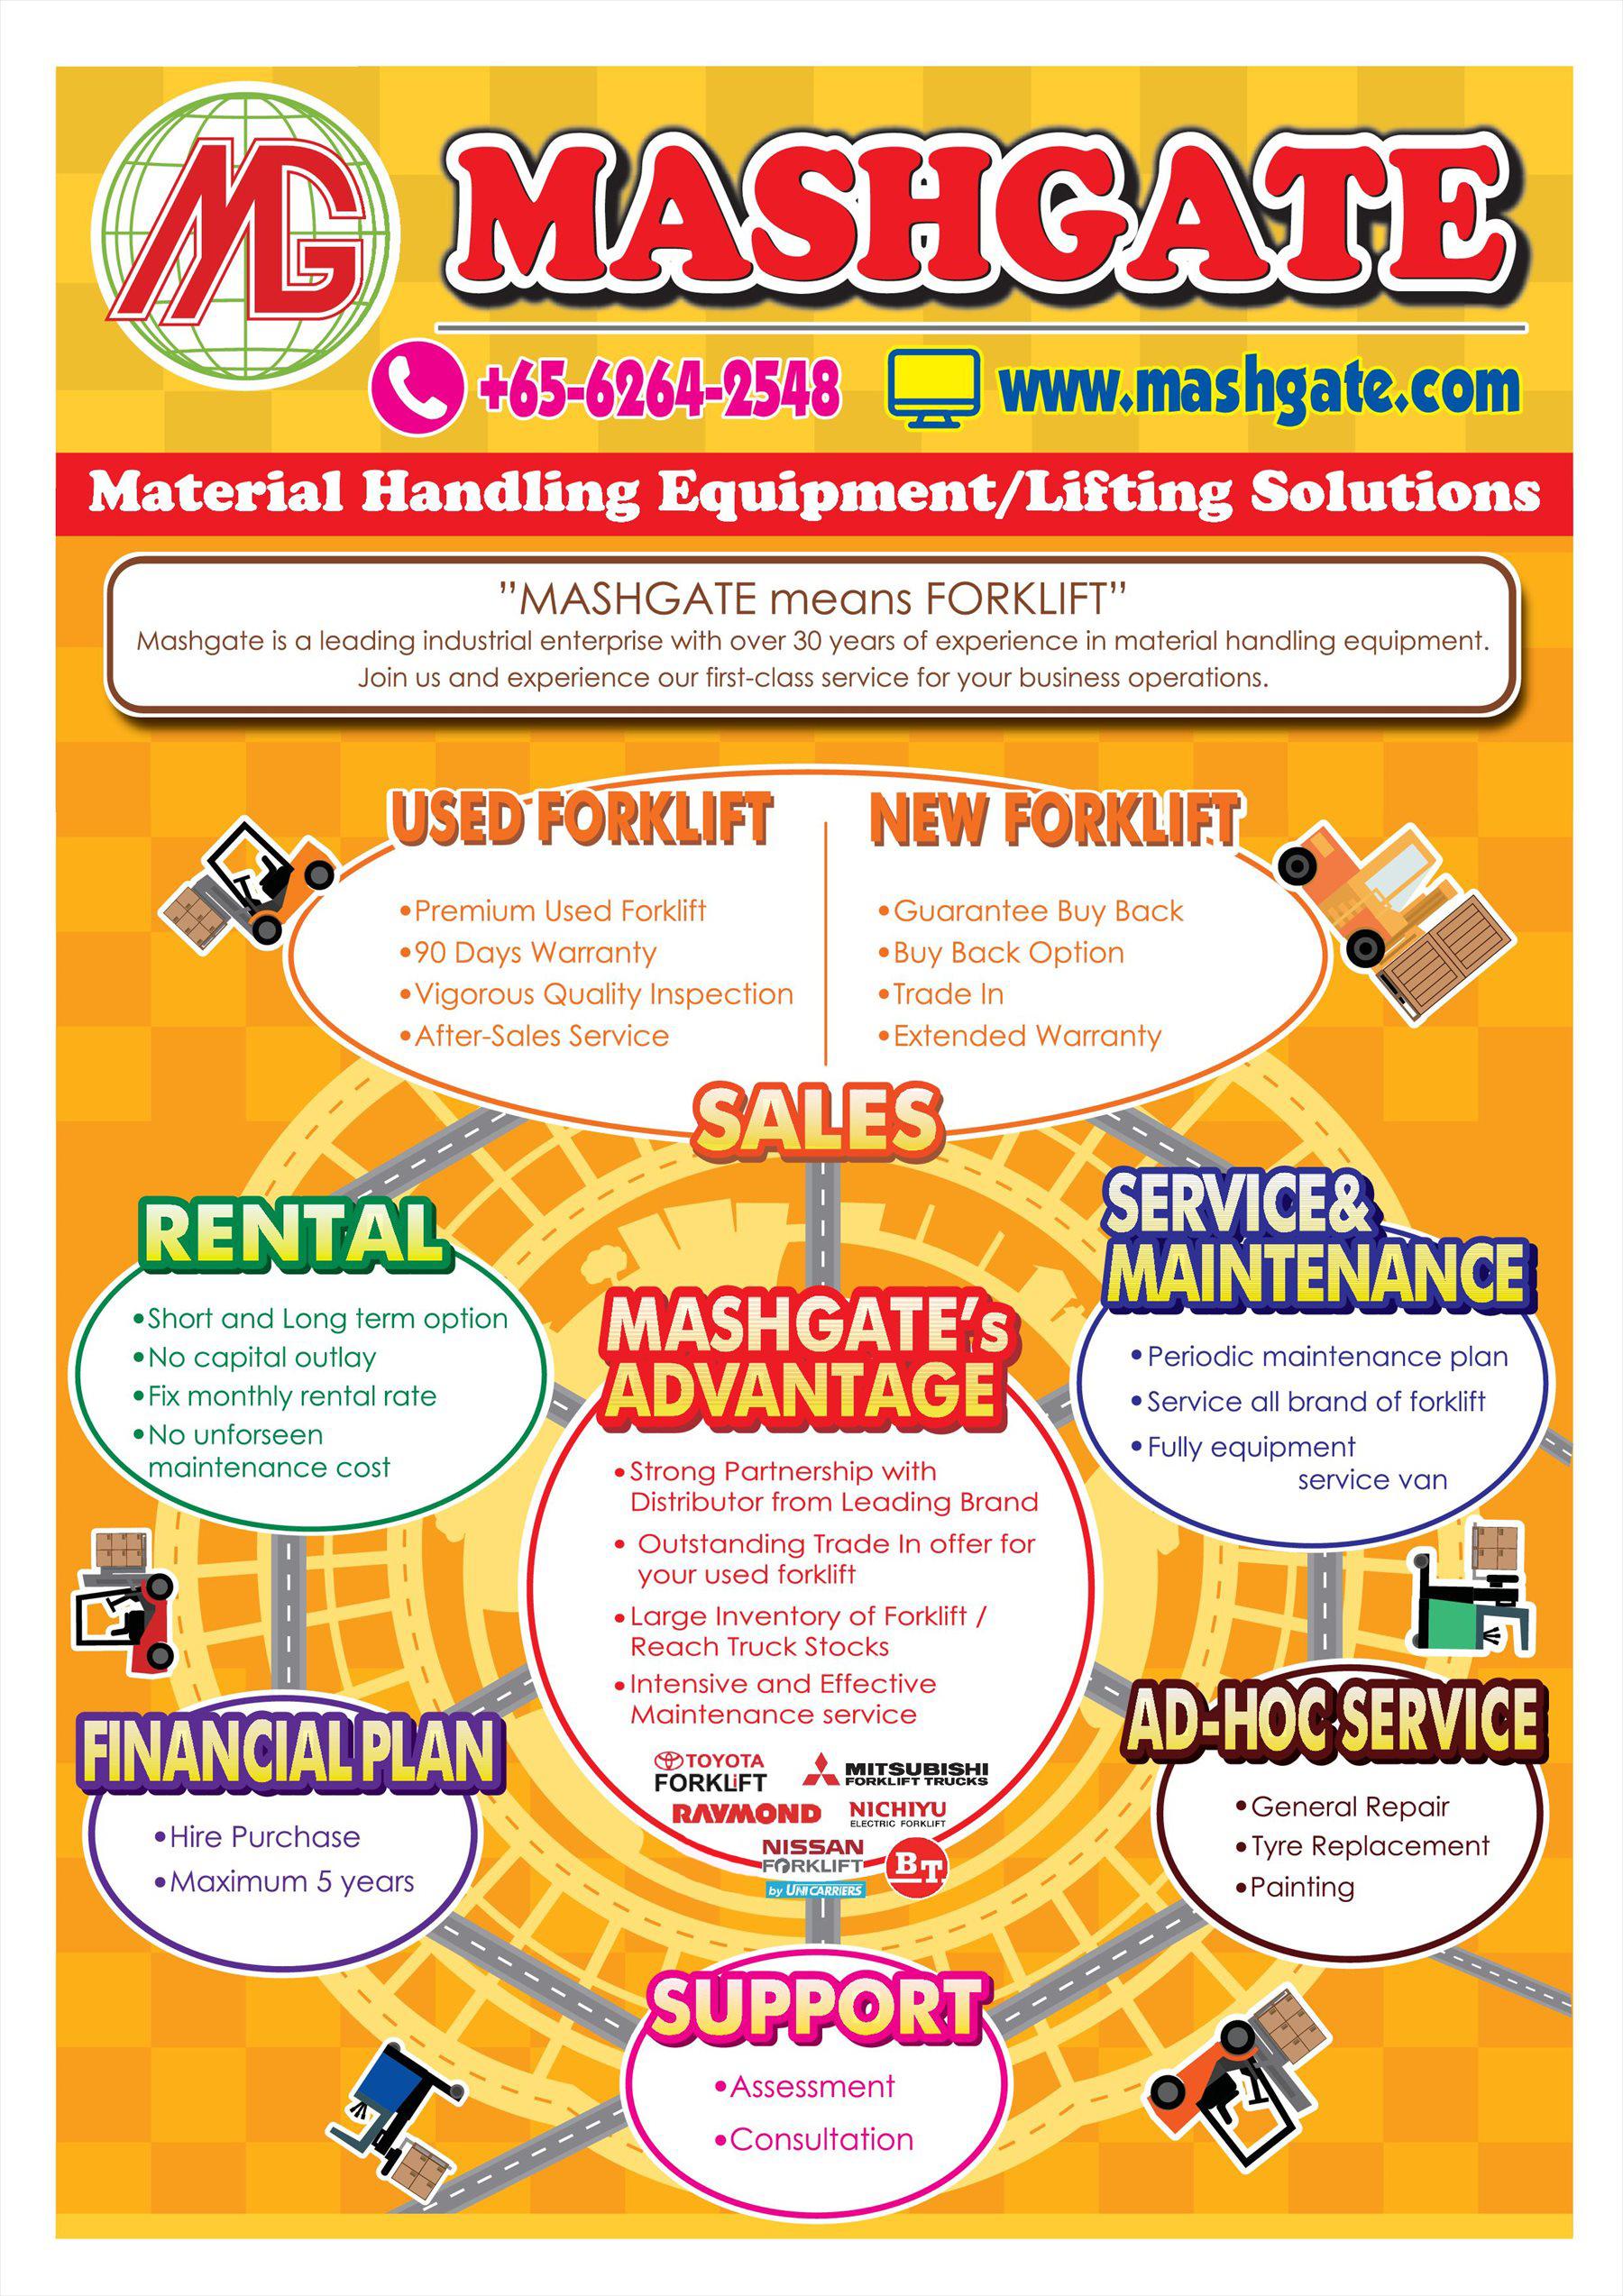 about_mashgate-1